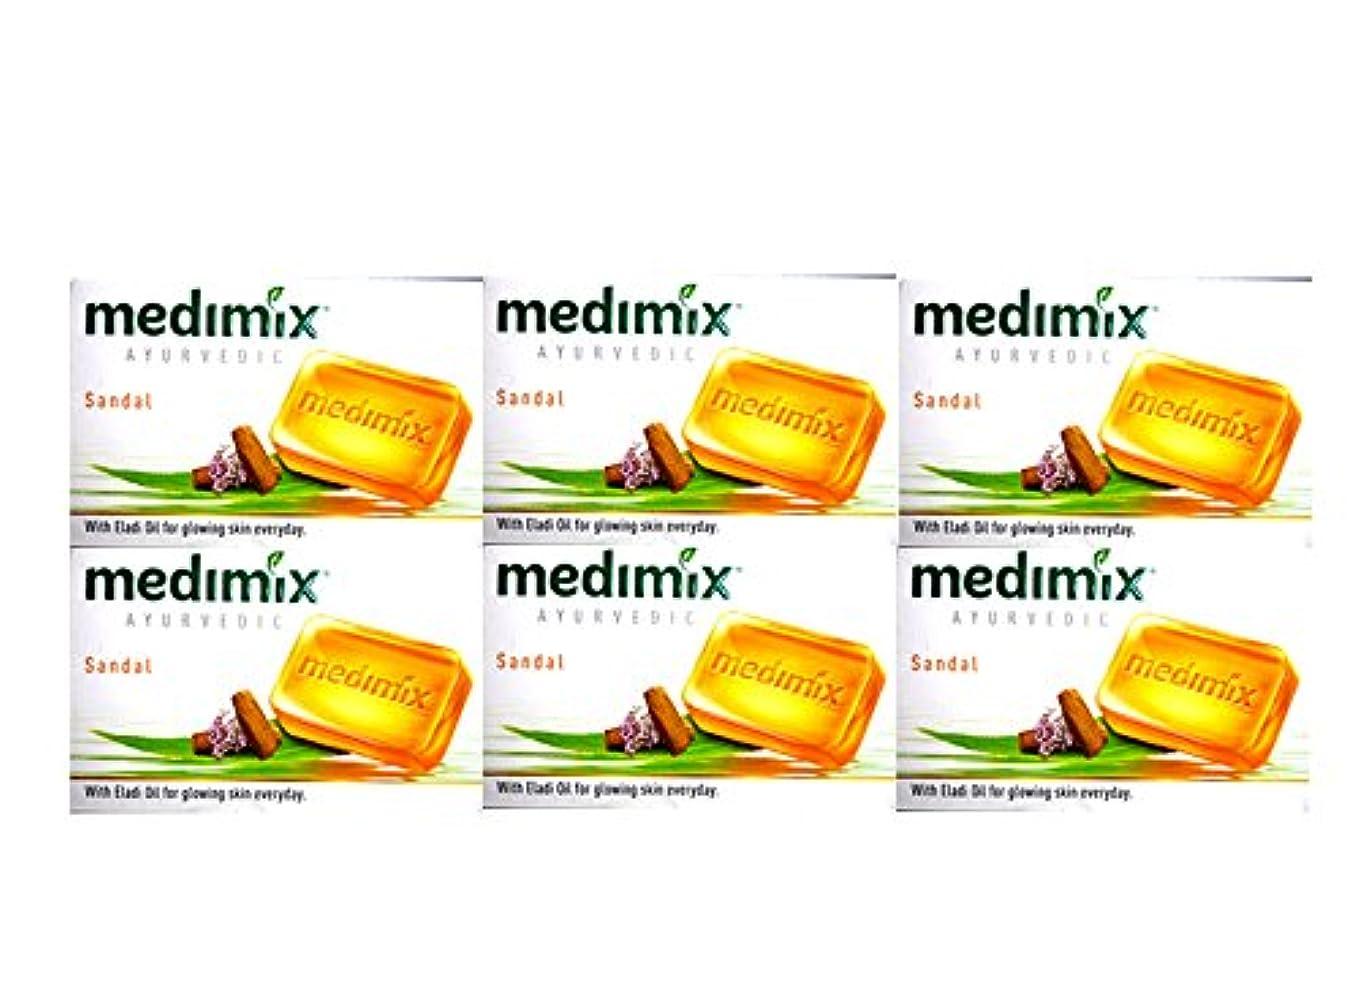 ライド風変わりな住むMEDIMIX メディミックス アーユルヴェディックサンダル 6個セット(medimix AYURVEDEC sandal Soap) 125g